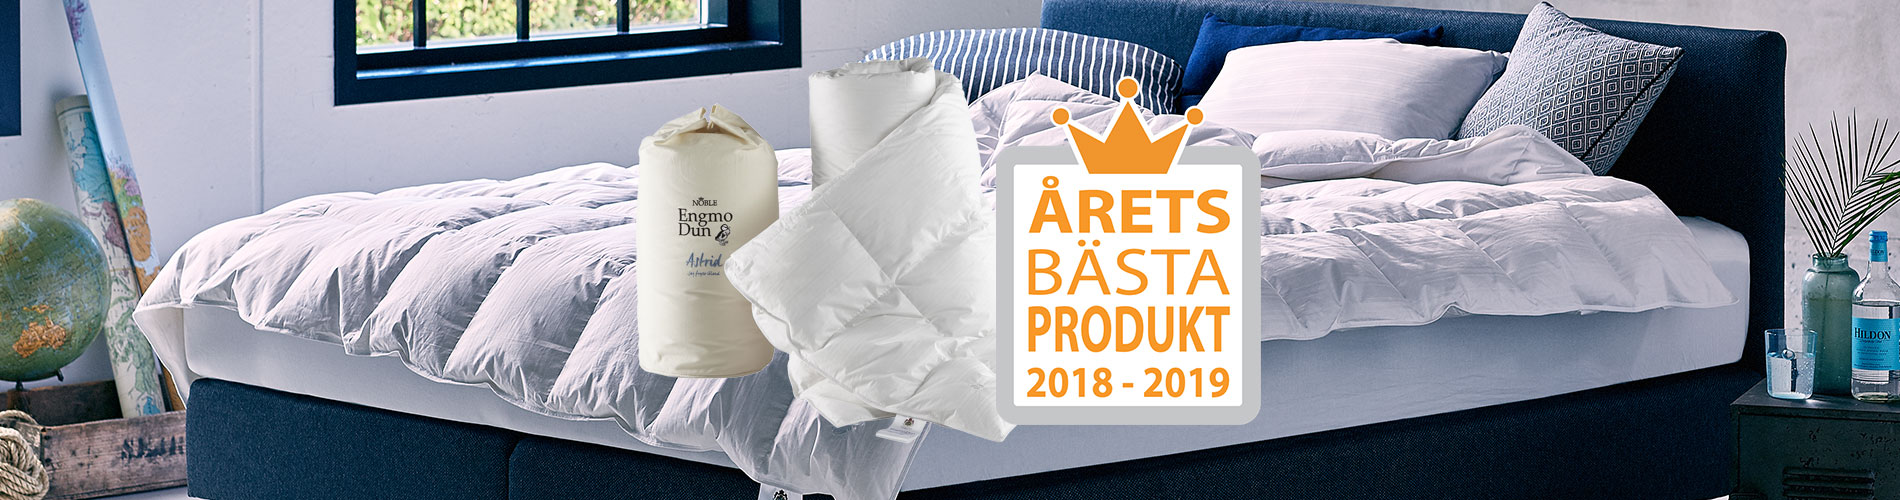 Rösta för EngmoDun Astrid som årets bästa produkt här